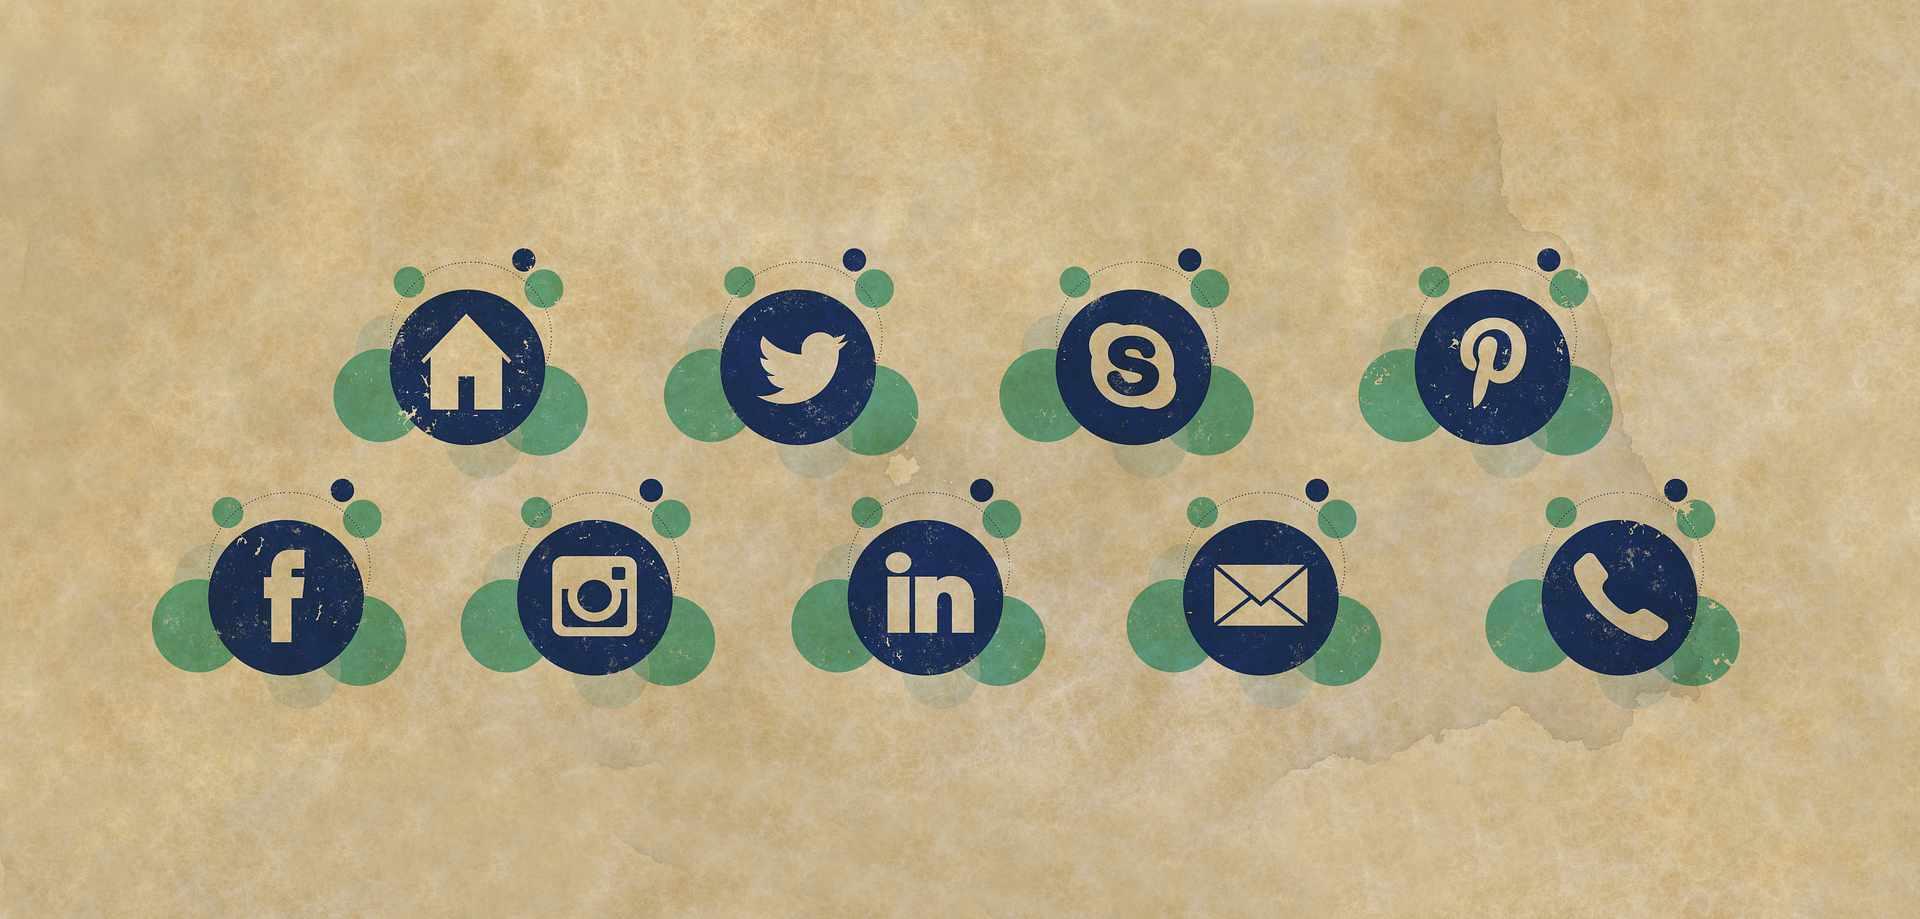 Top 5 de redes sociales más usadas en 2020